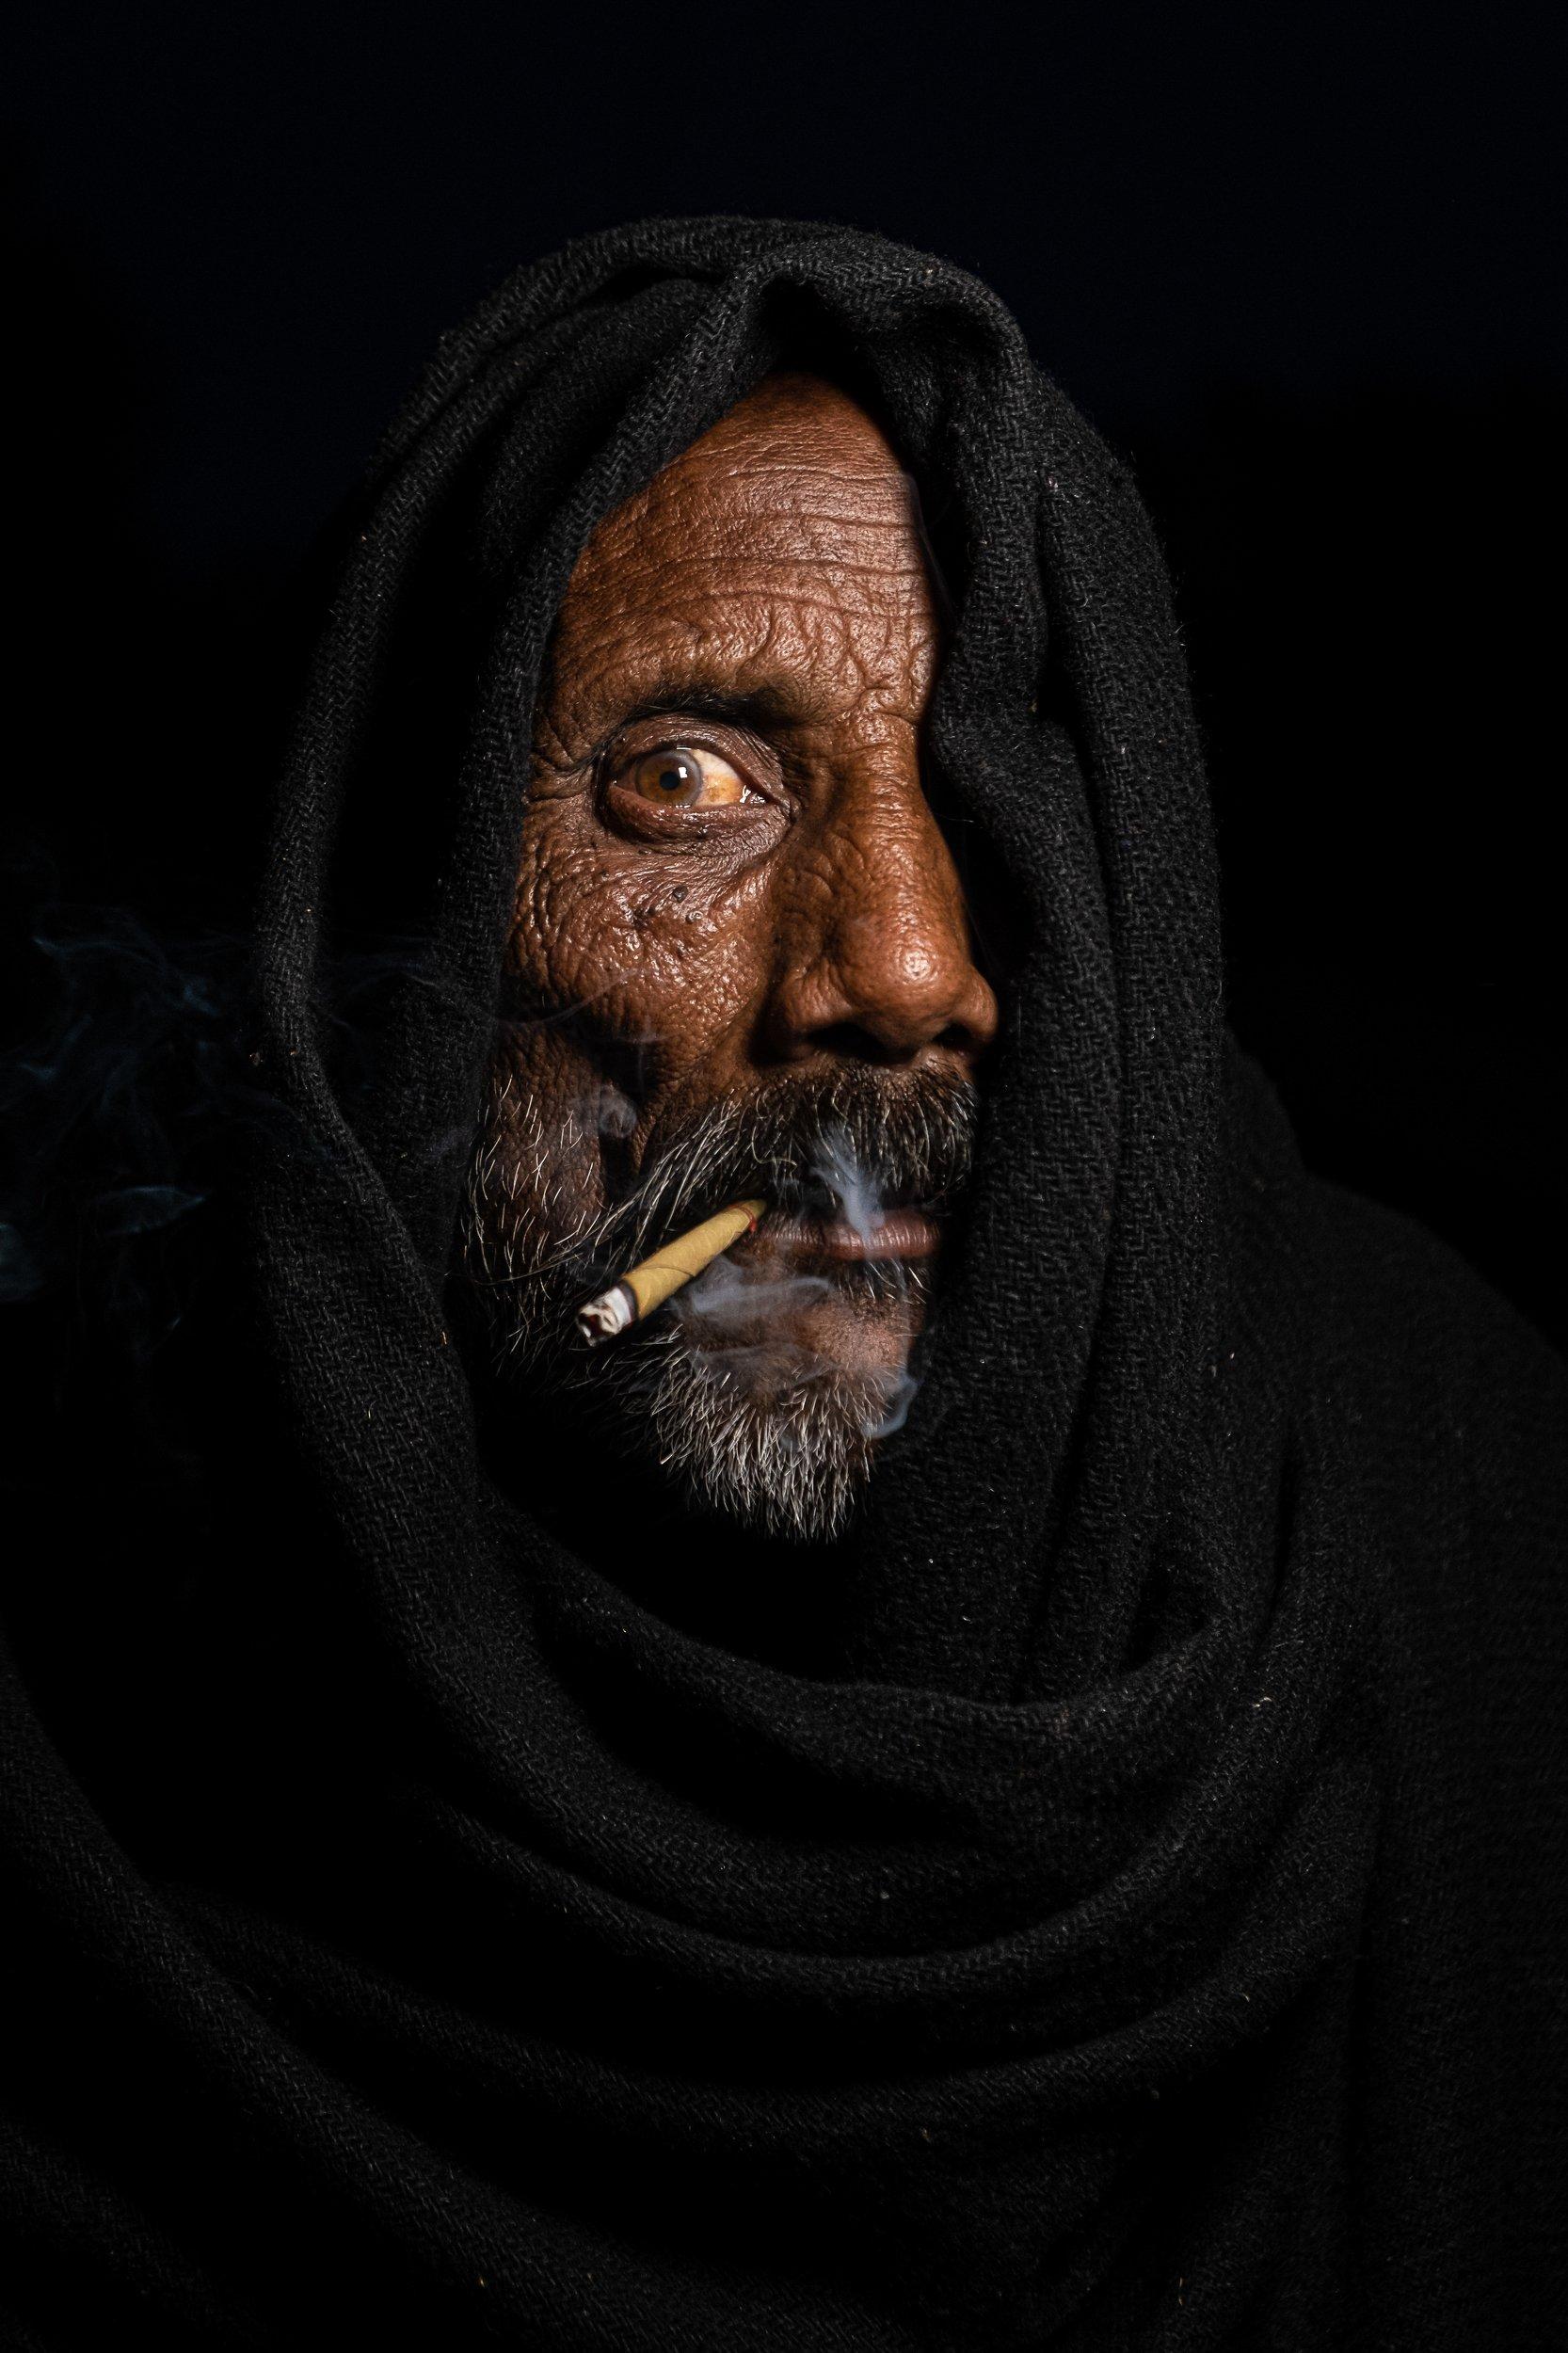 portrait smoking life style, Sayed Kashif